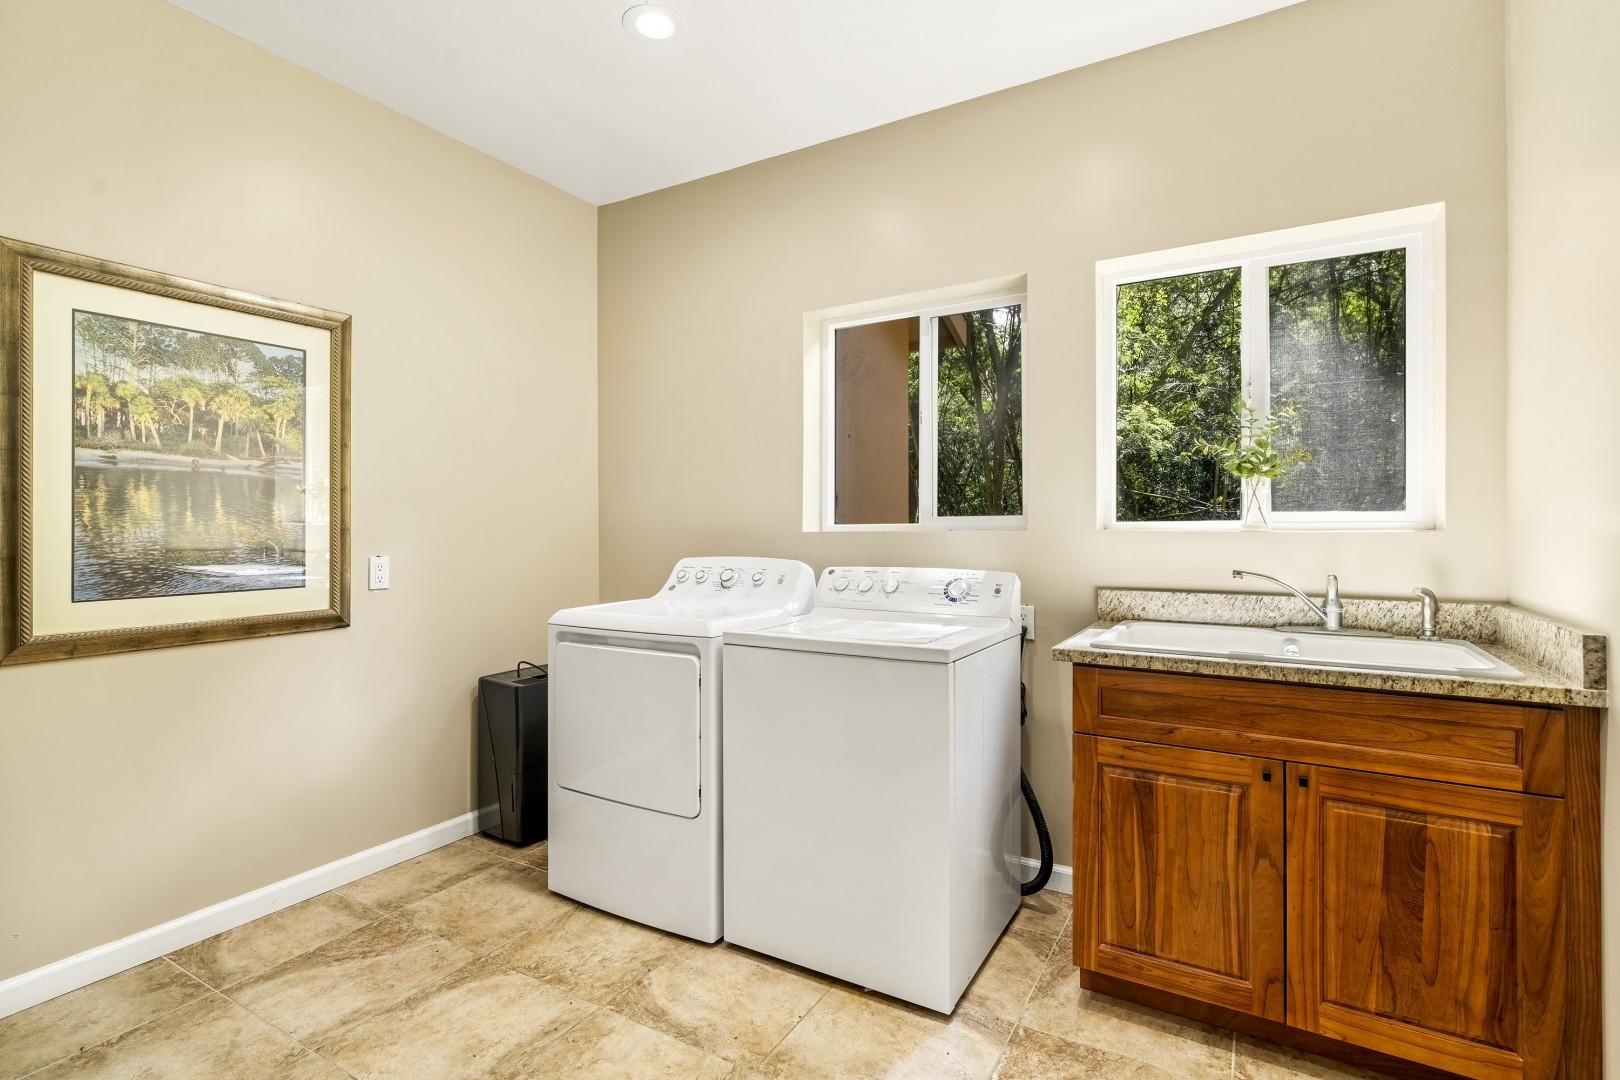 Full sized laundry room